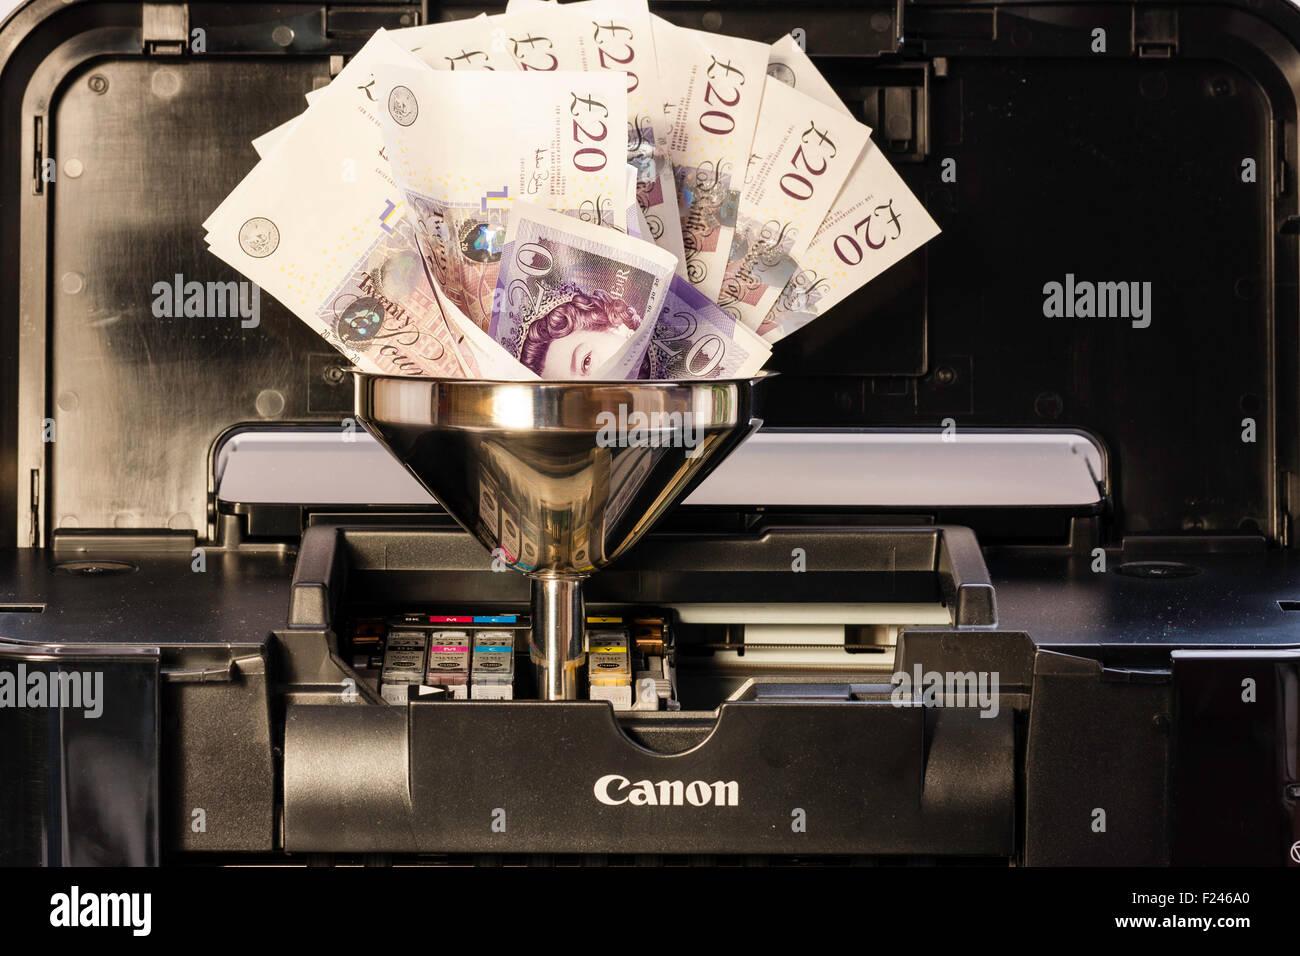 Impresora de inyección de tinta con un cartucho de tinta reemplazado por embudo metálico y £20 notas de peluche, Foto de stock